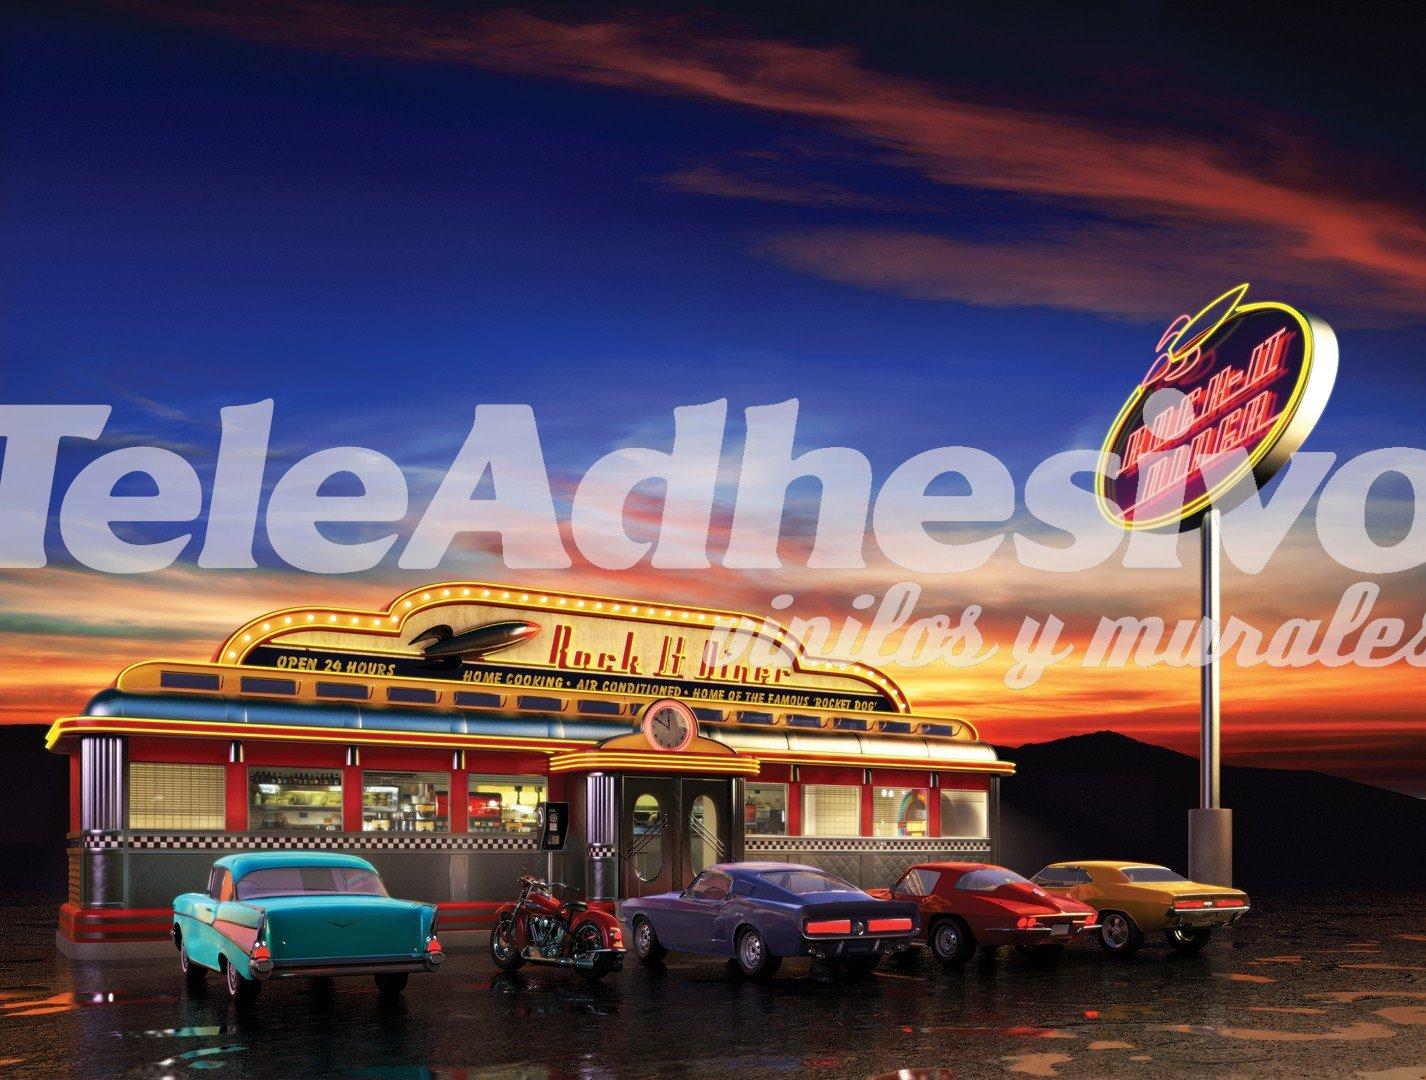 Retro american diner for Diner artwork